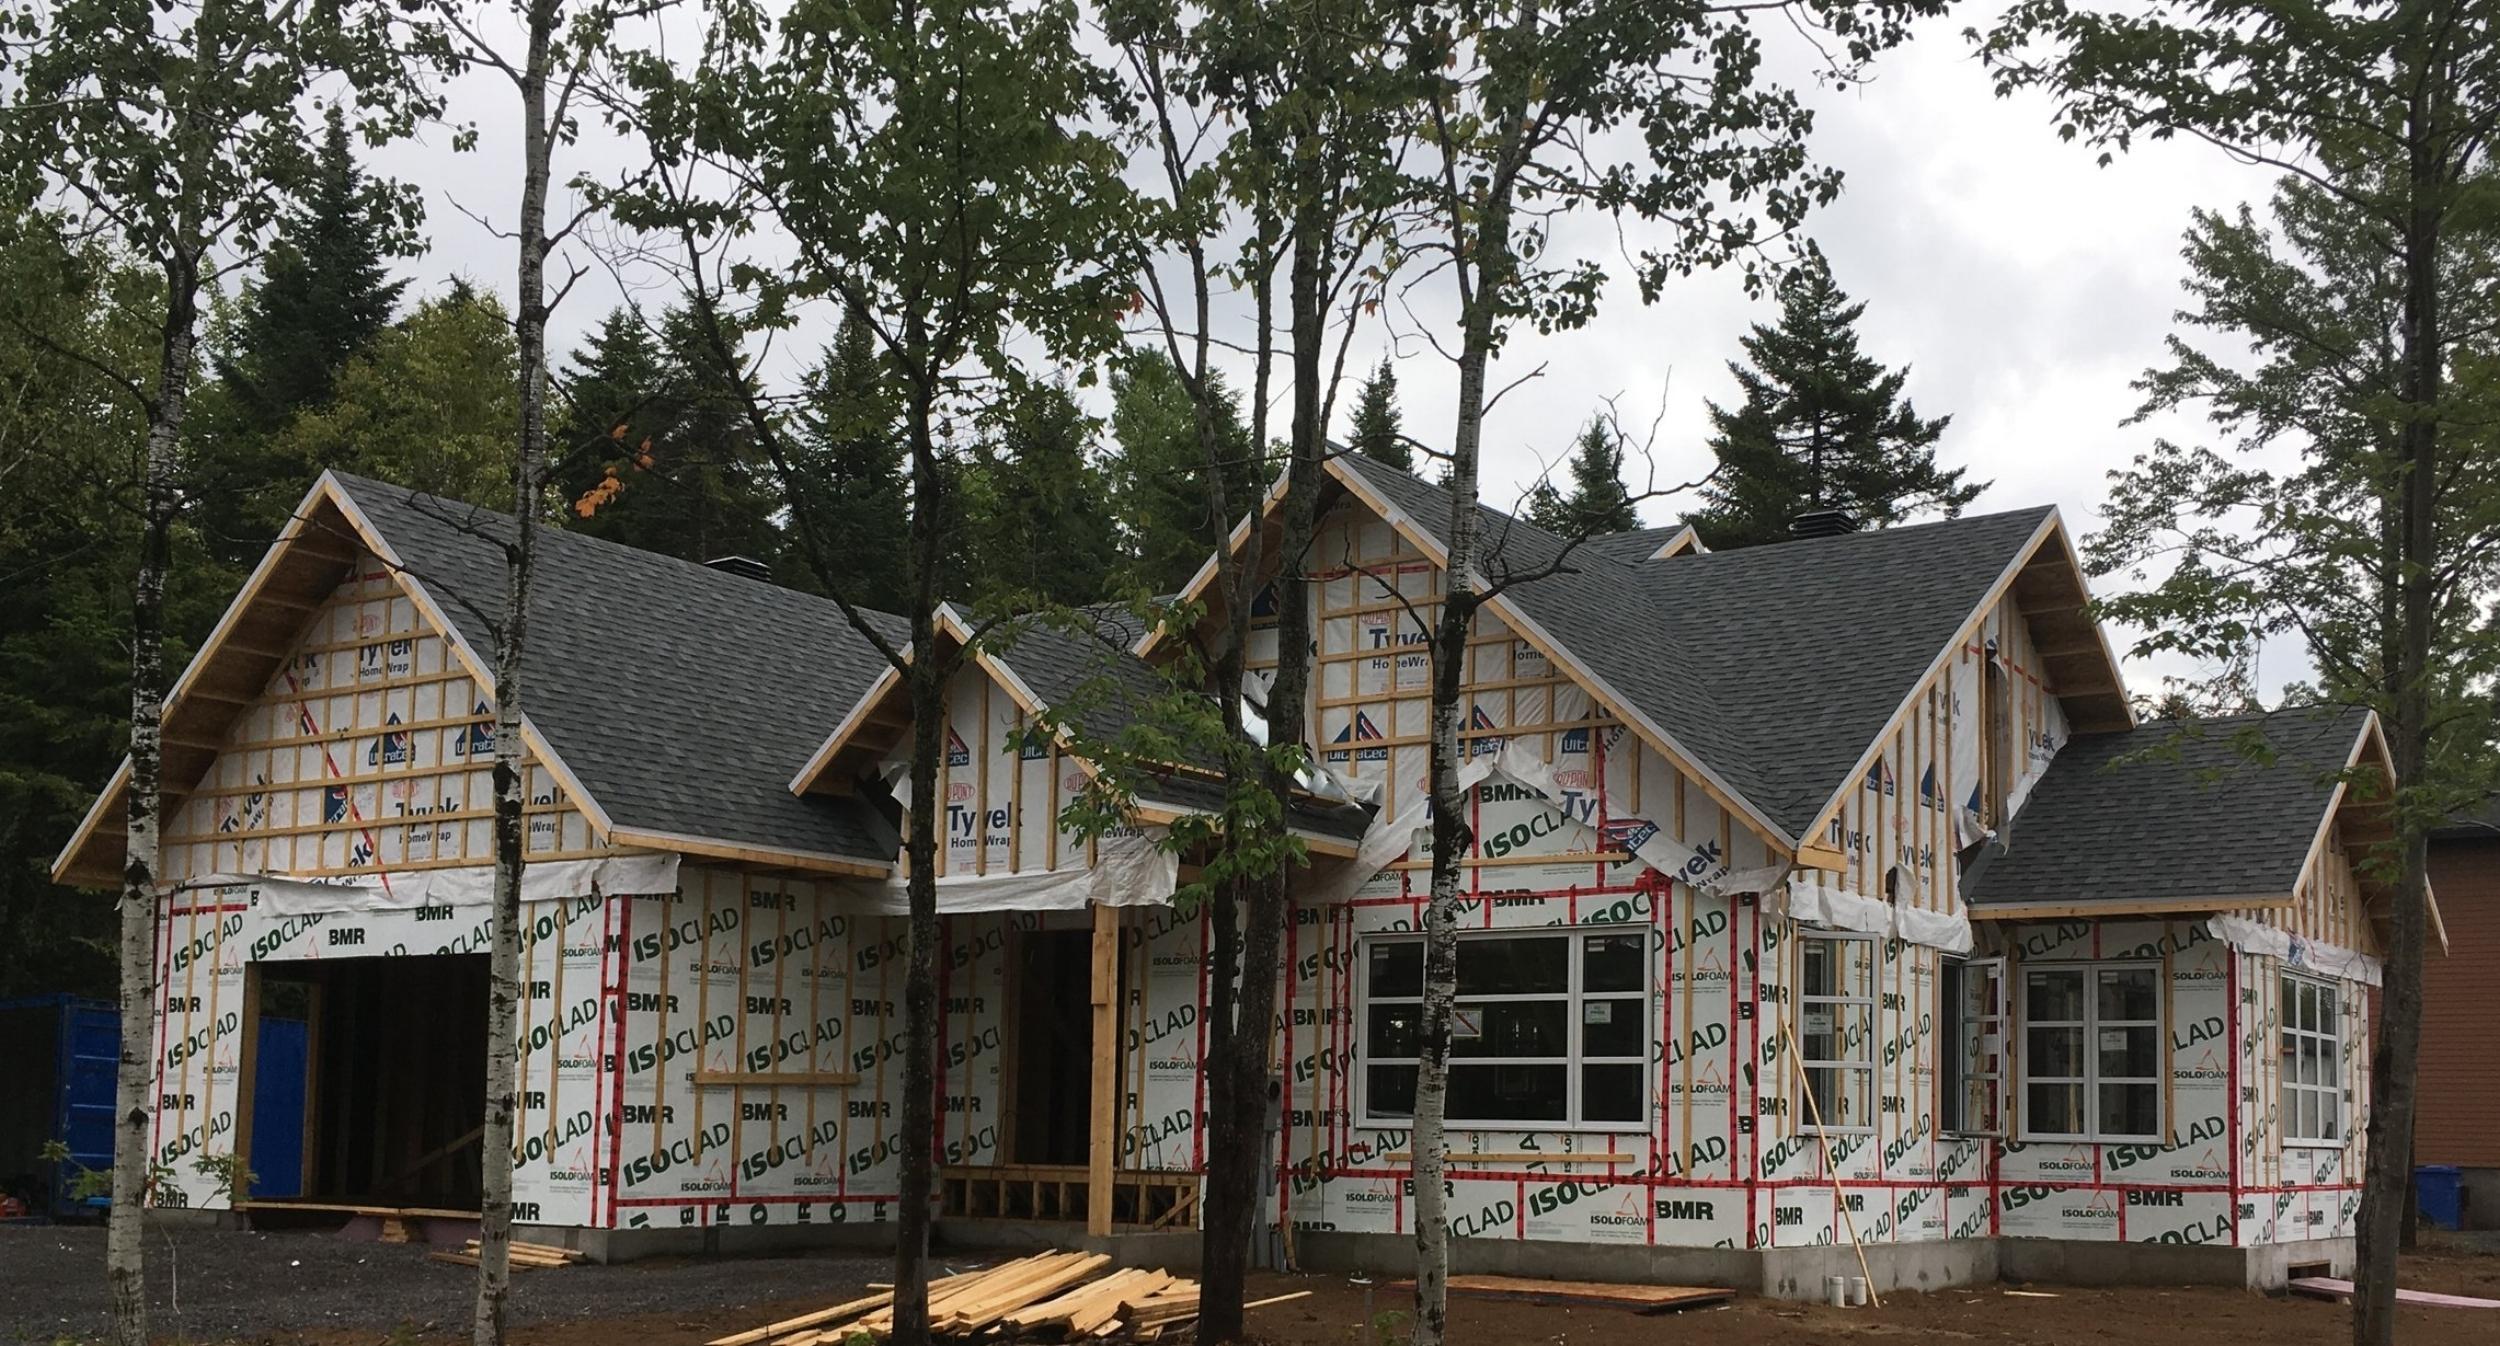 Construction neuve - Aucun chantier n'est à l'épreuve de notre équipe. Pour construire la maison de vos rêves, contactez MGN Experts!